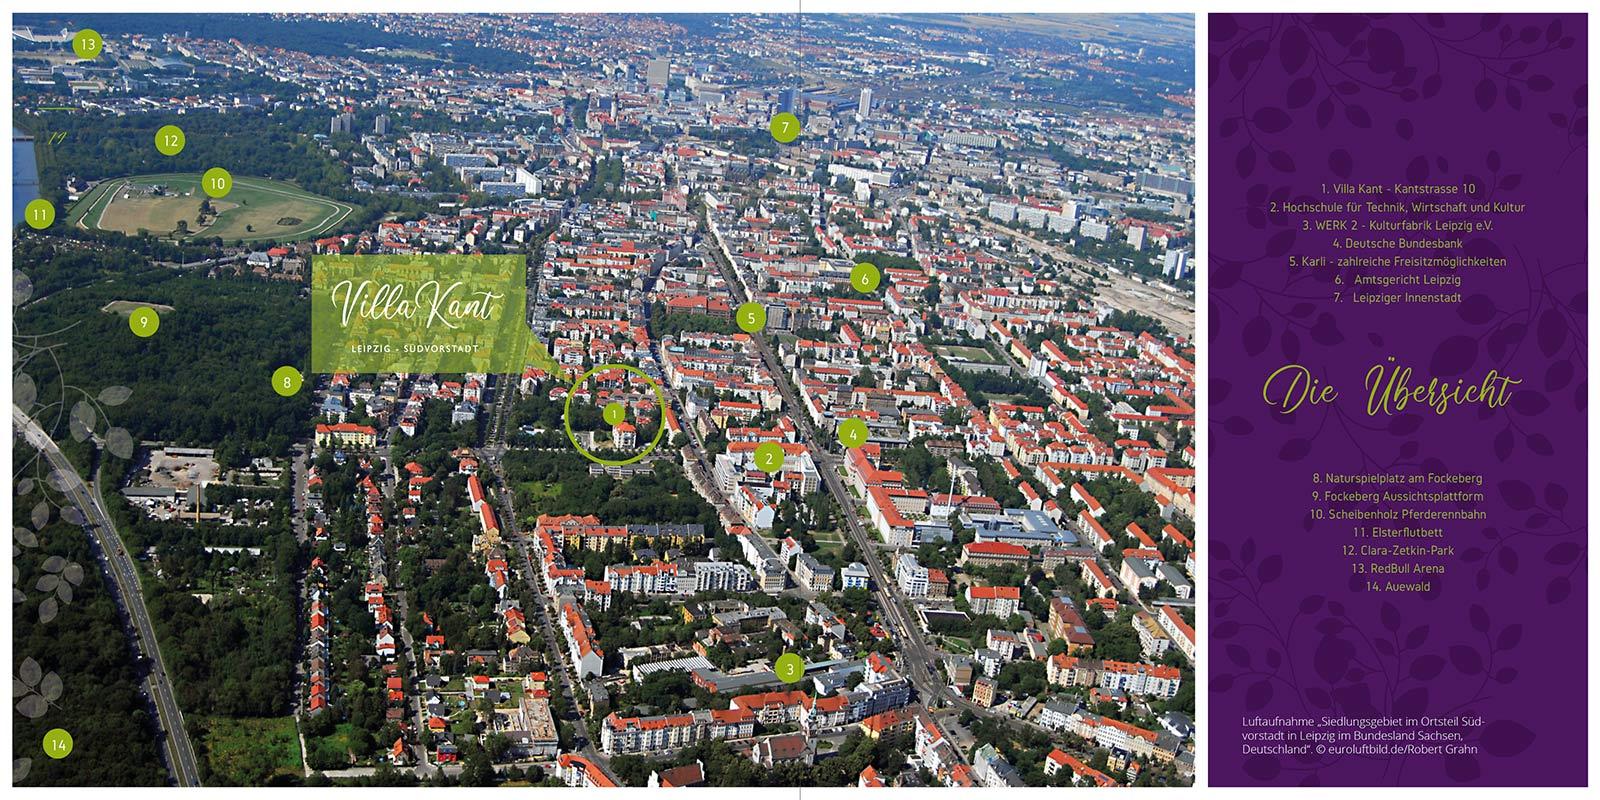 Luftaufnahme der Leipziger Südvorstadt